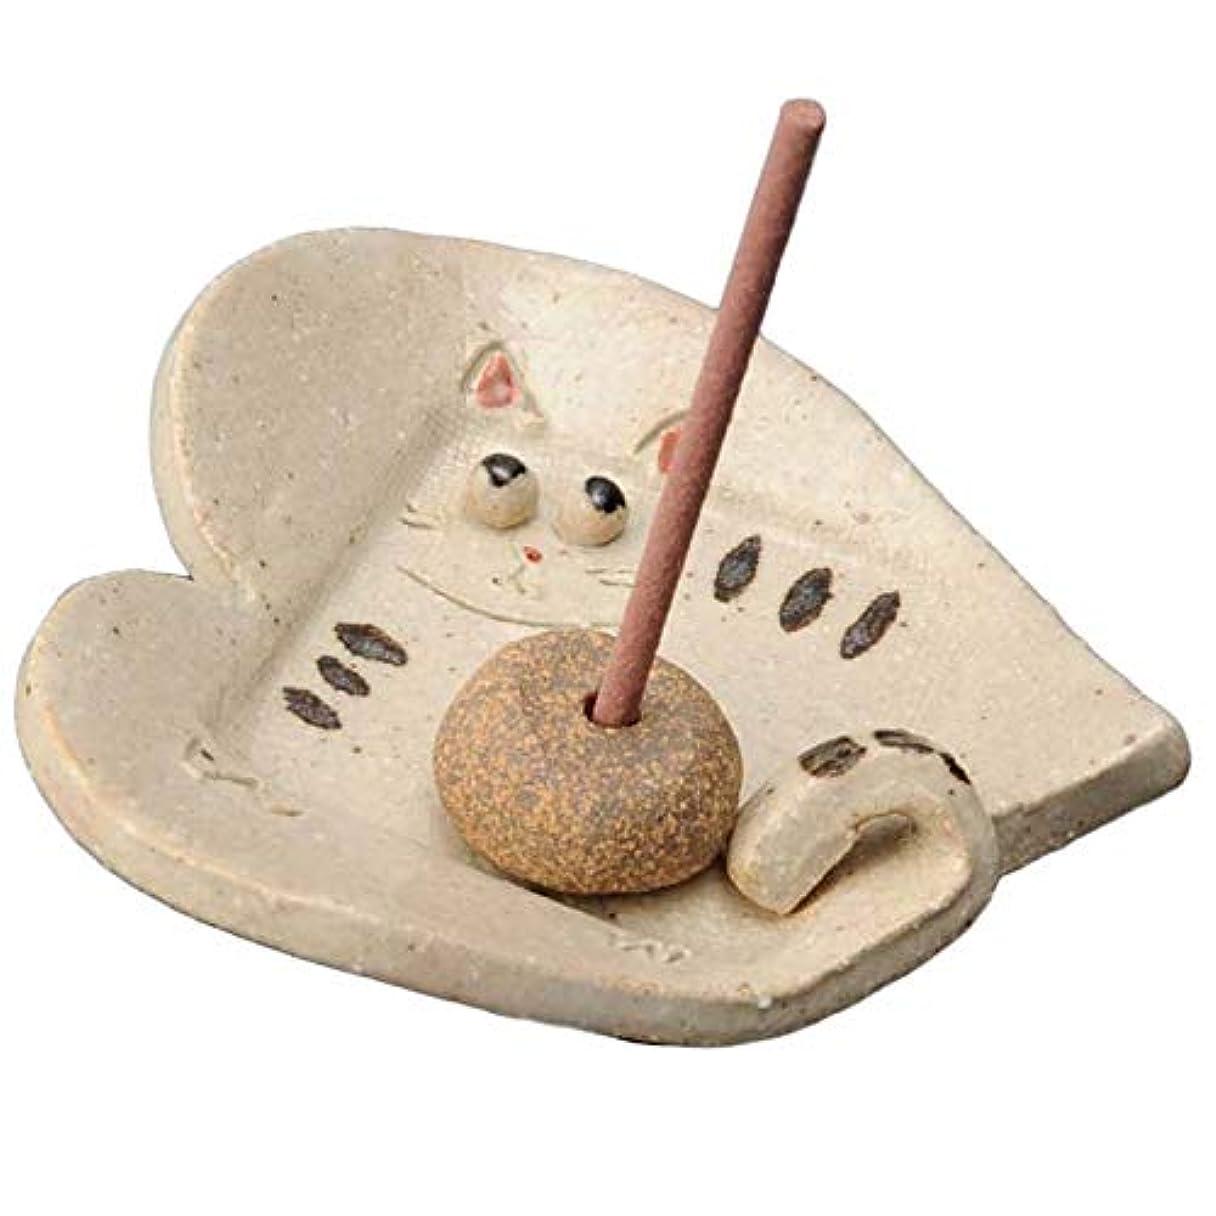 障害者パトロールラッカス手造り 香皿 香立て/しっぽ 猫 香皿/香り アロマ 癒やし リラックス インテリア プレゼント 贈り物